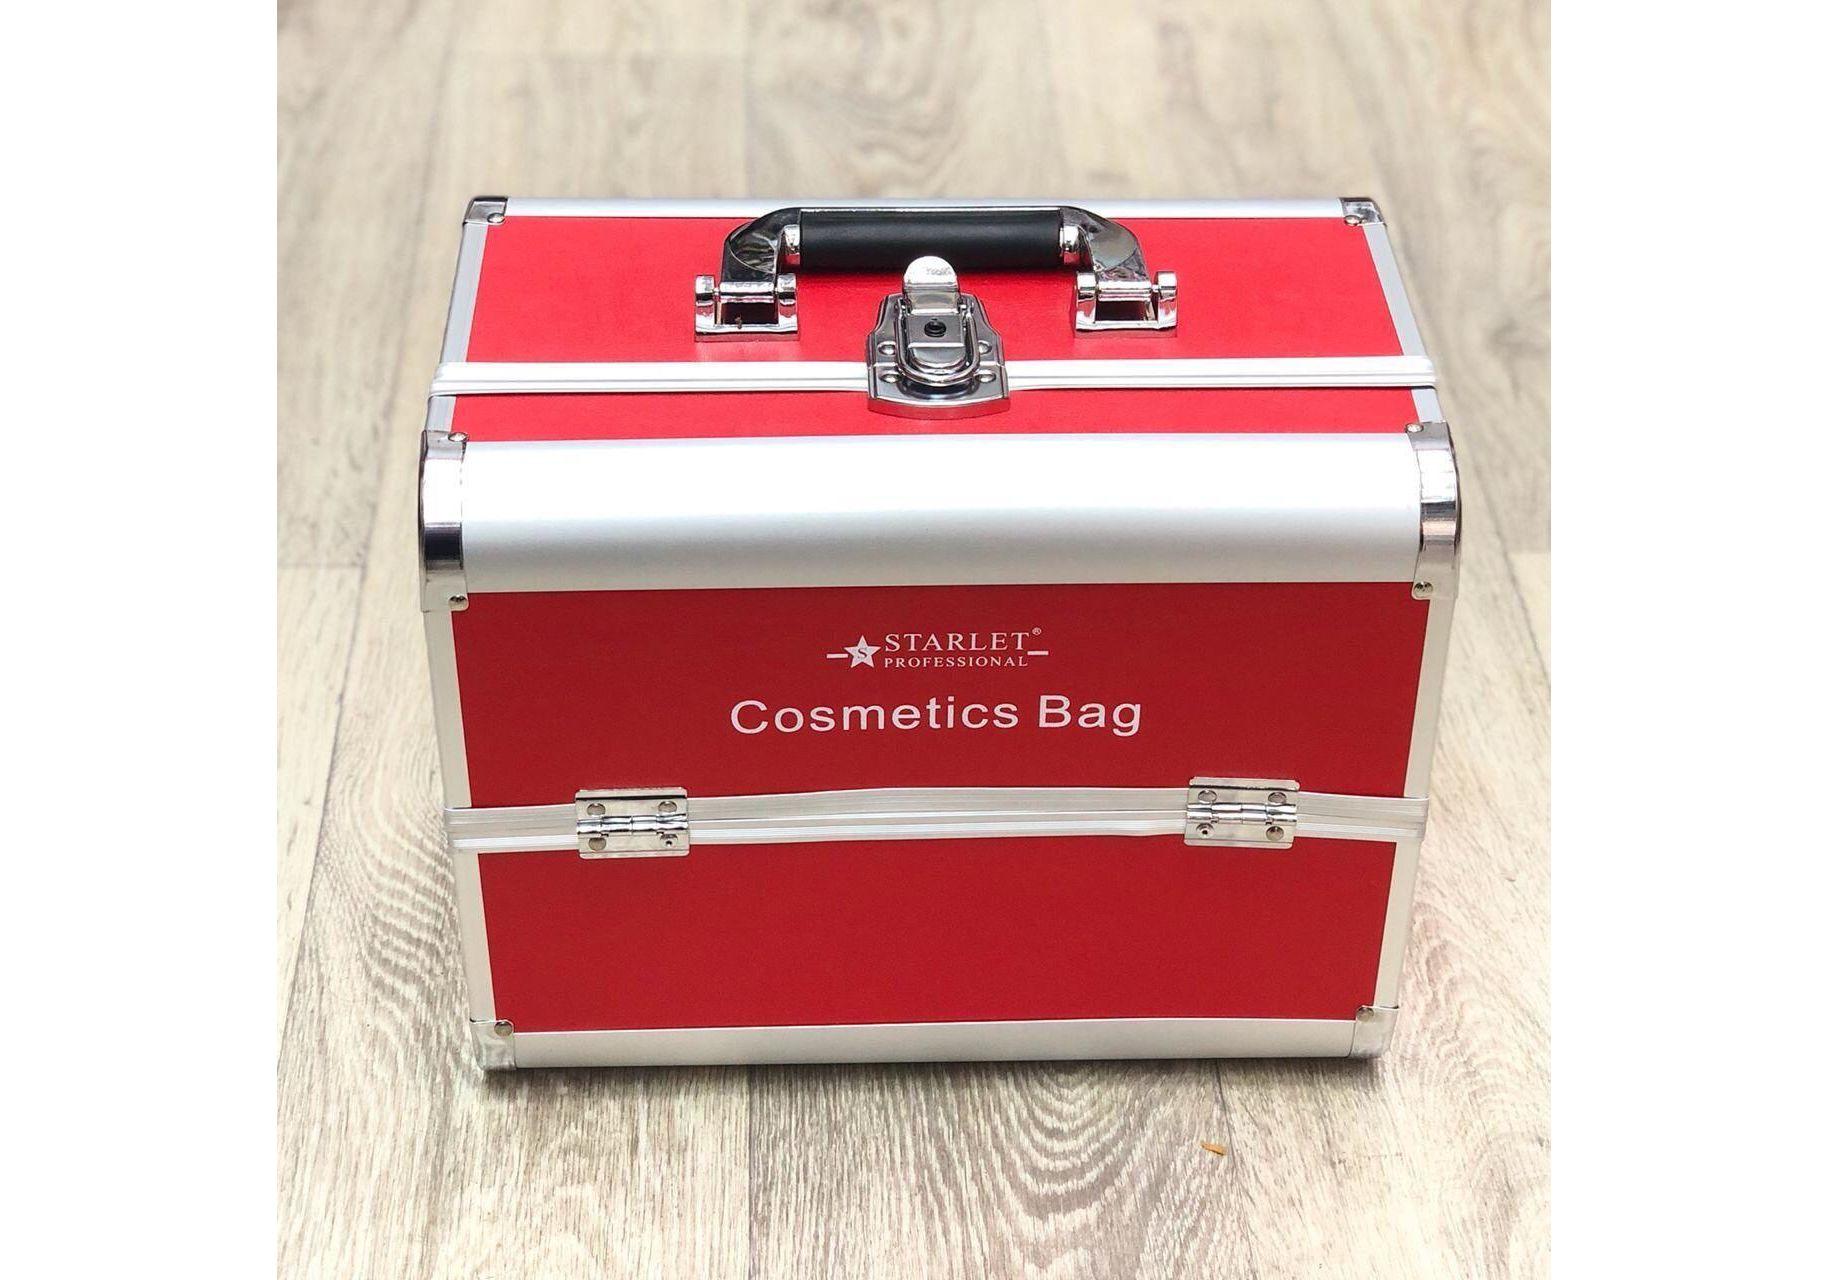 Купить чемодан для косметики спб клеона косметика купить в интернет магазине